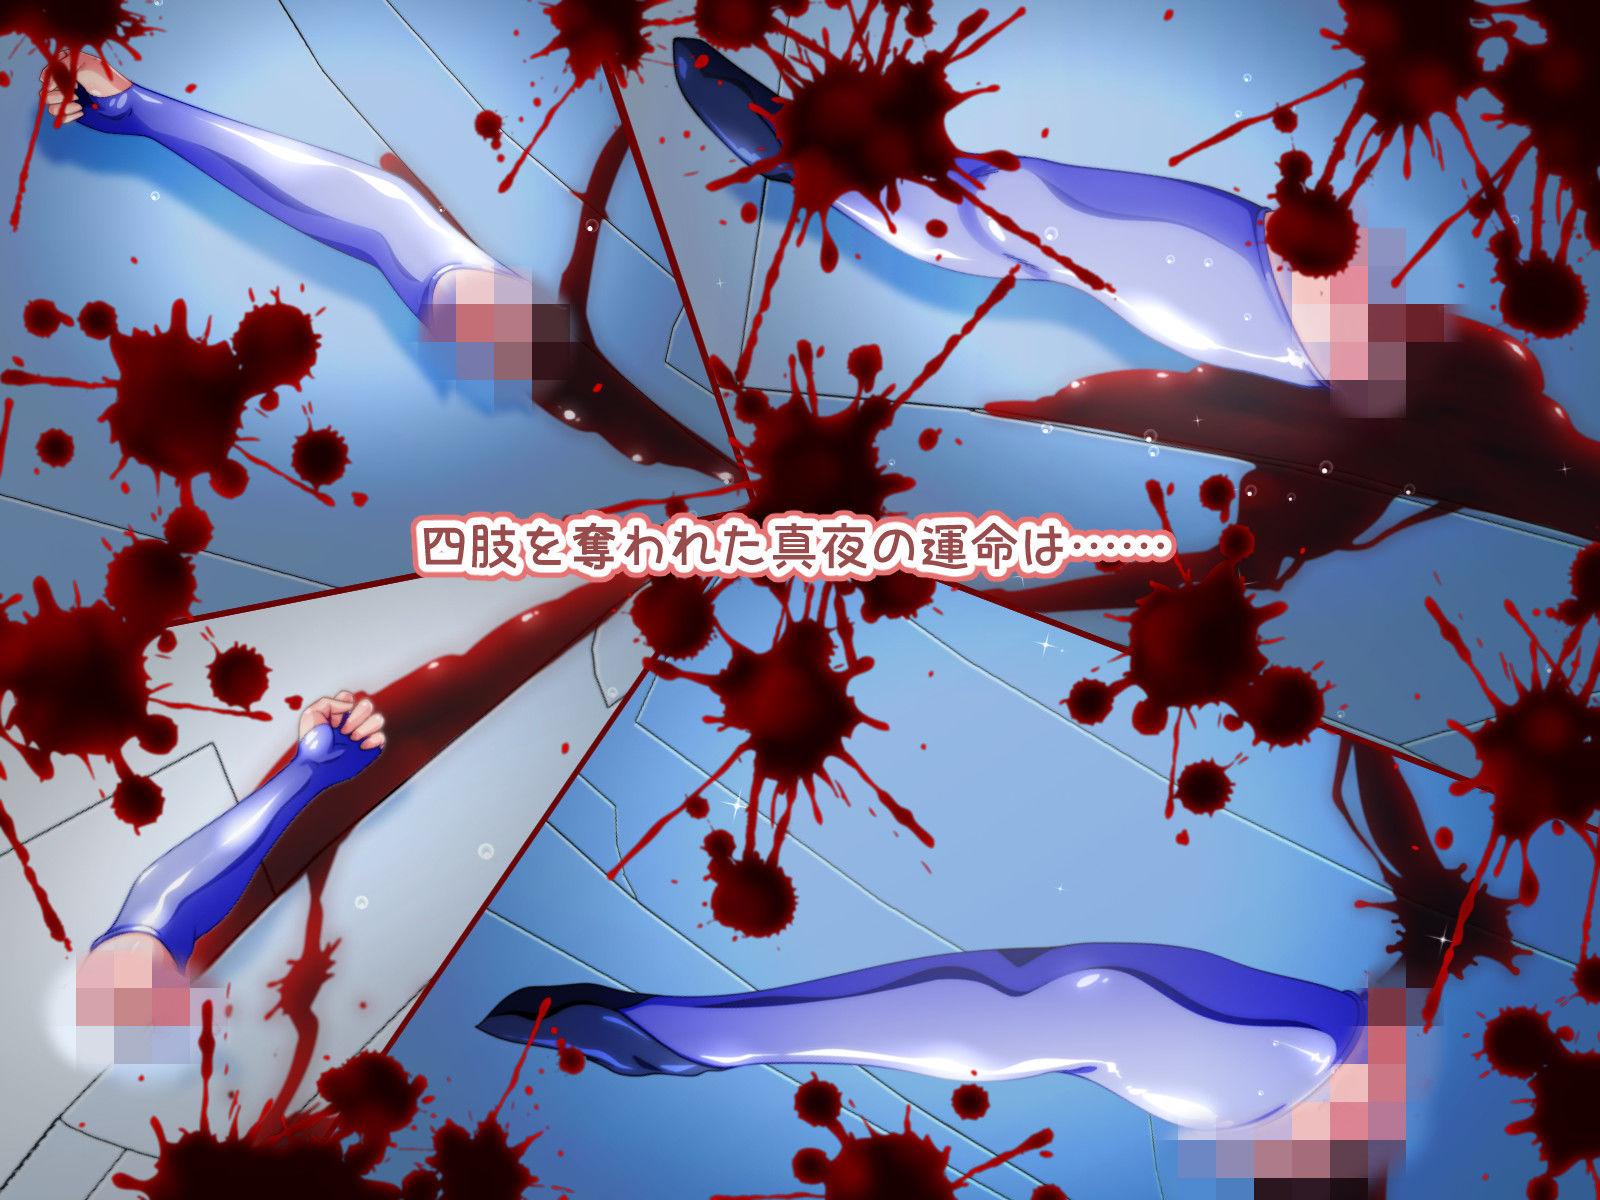 エンジェル・アイズ-マヤ- 第二話 乳斬四肢裂破姦のサンプル画像2